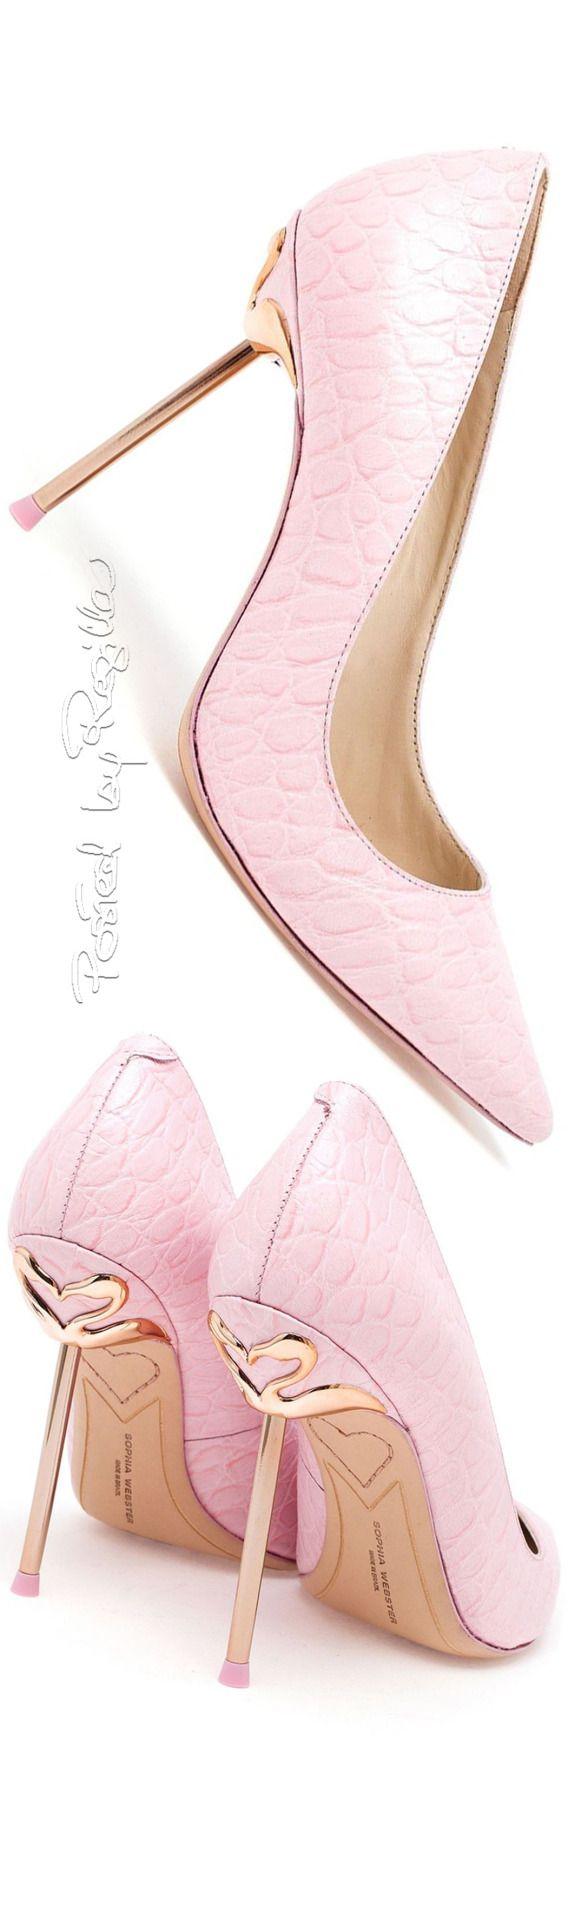 Fashion Shoes | Color Desire Pink *** | Rosamaria G Frangini || Regilla ⚜ Sophia Webster | Pink Shoes